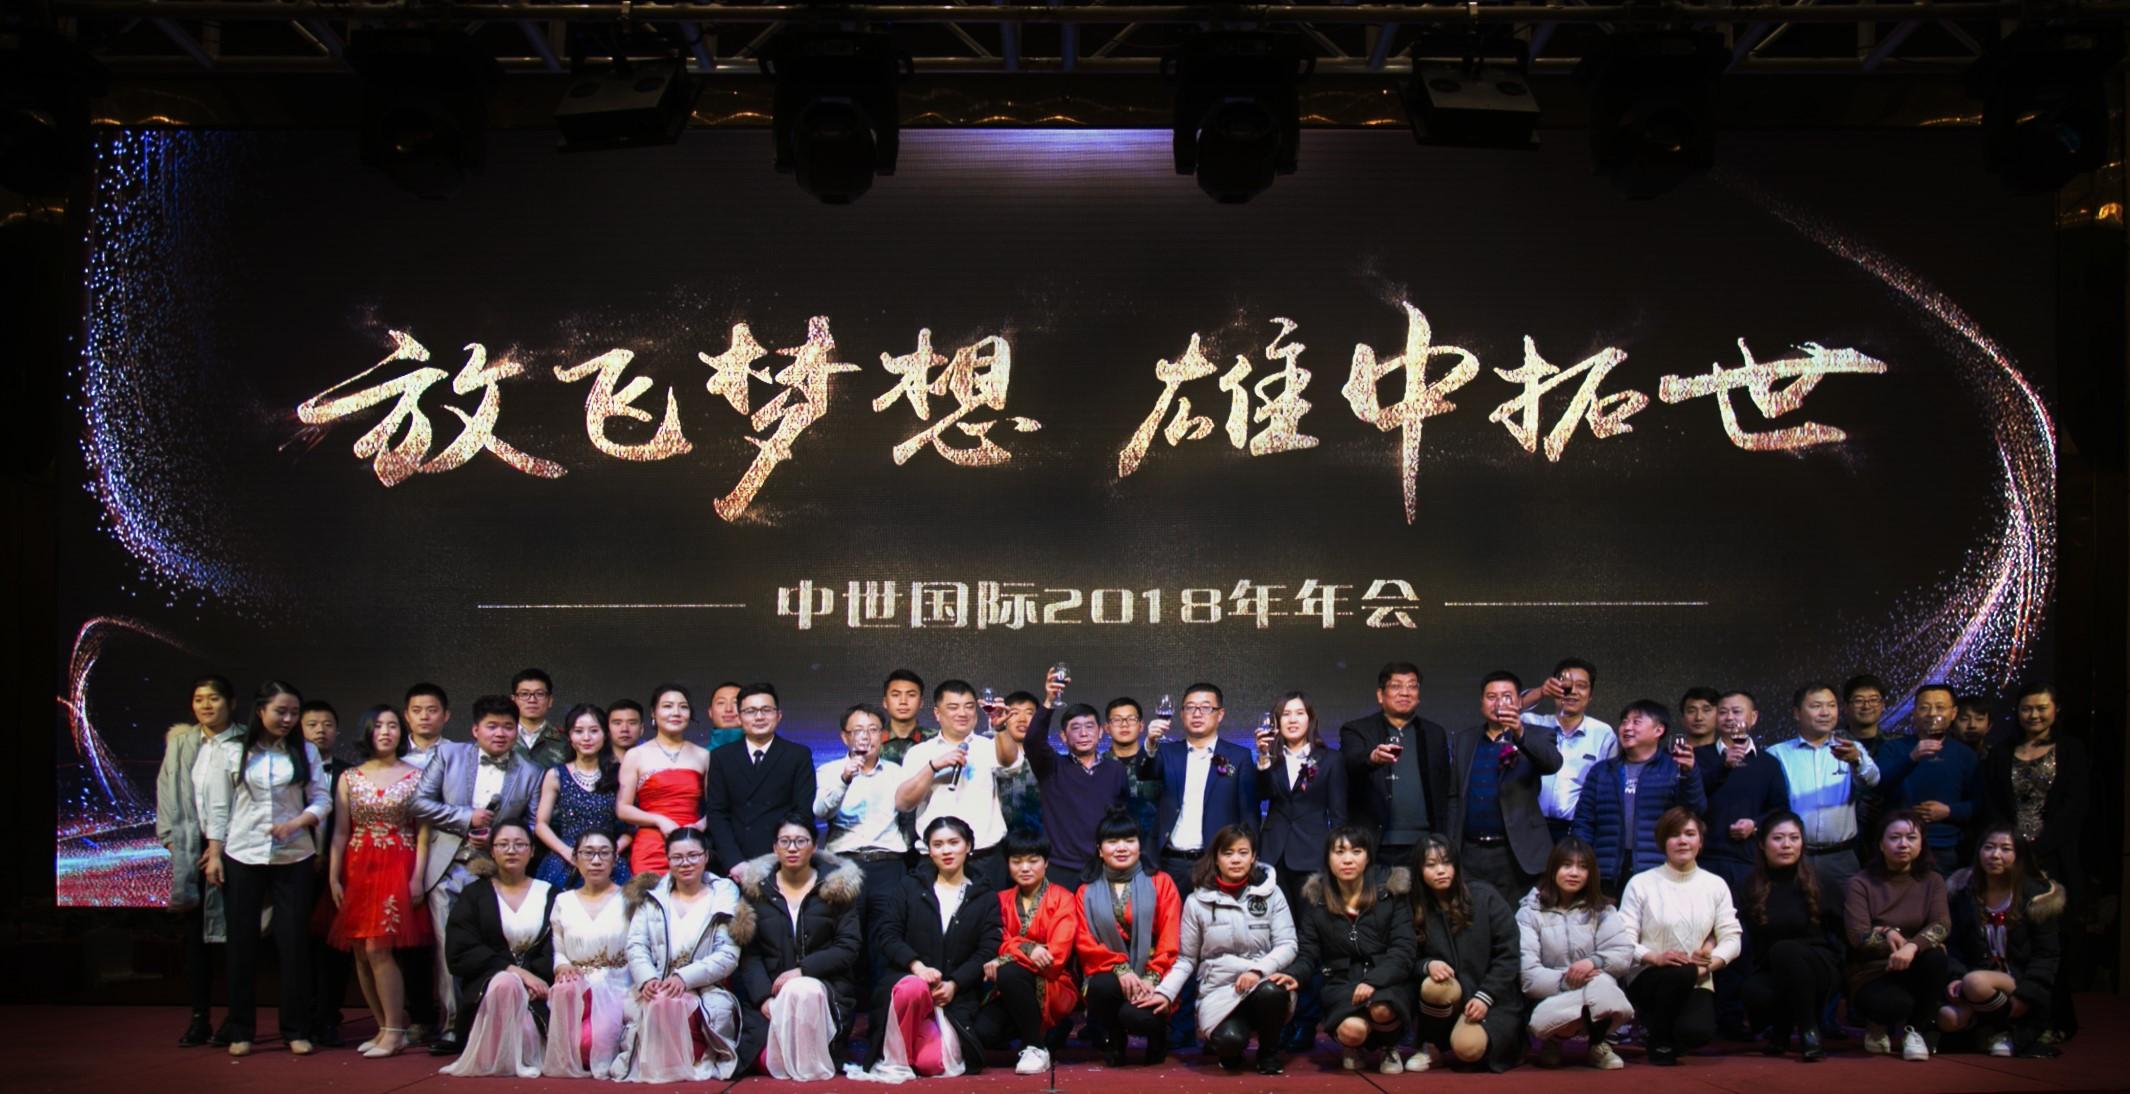 2018年会合影123.jpg